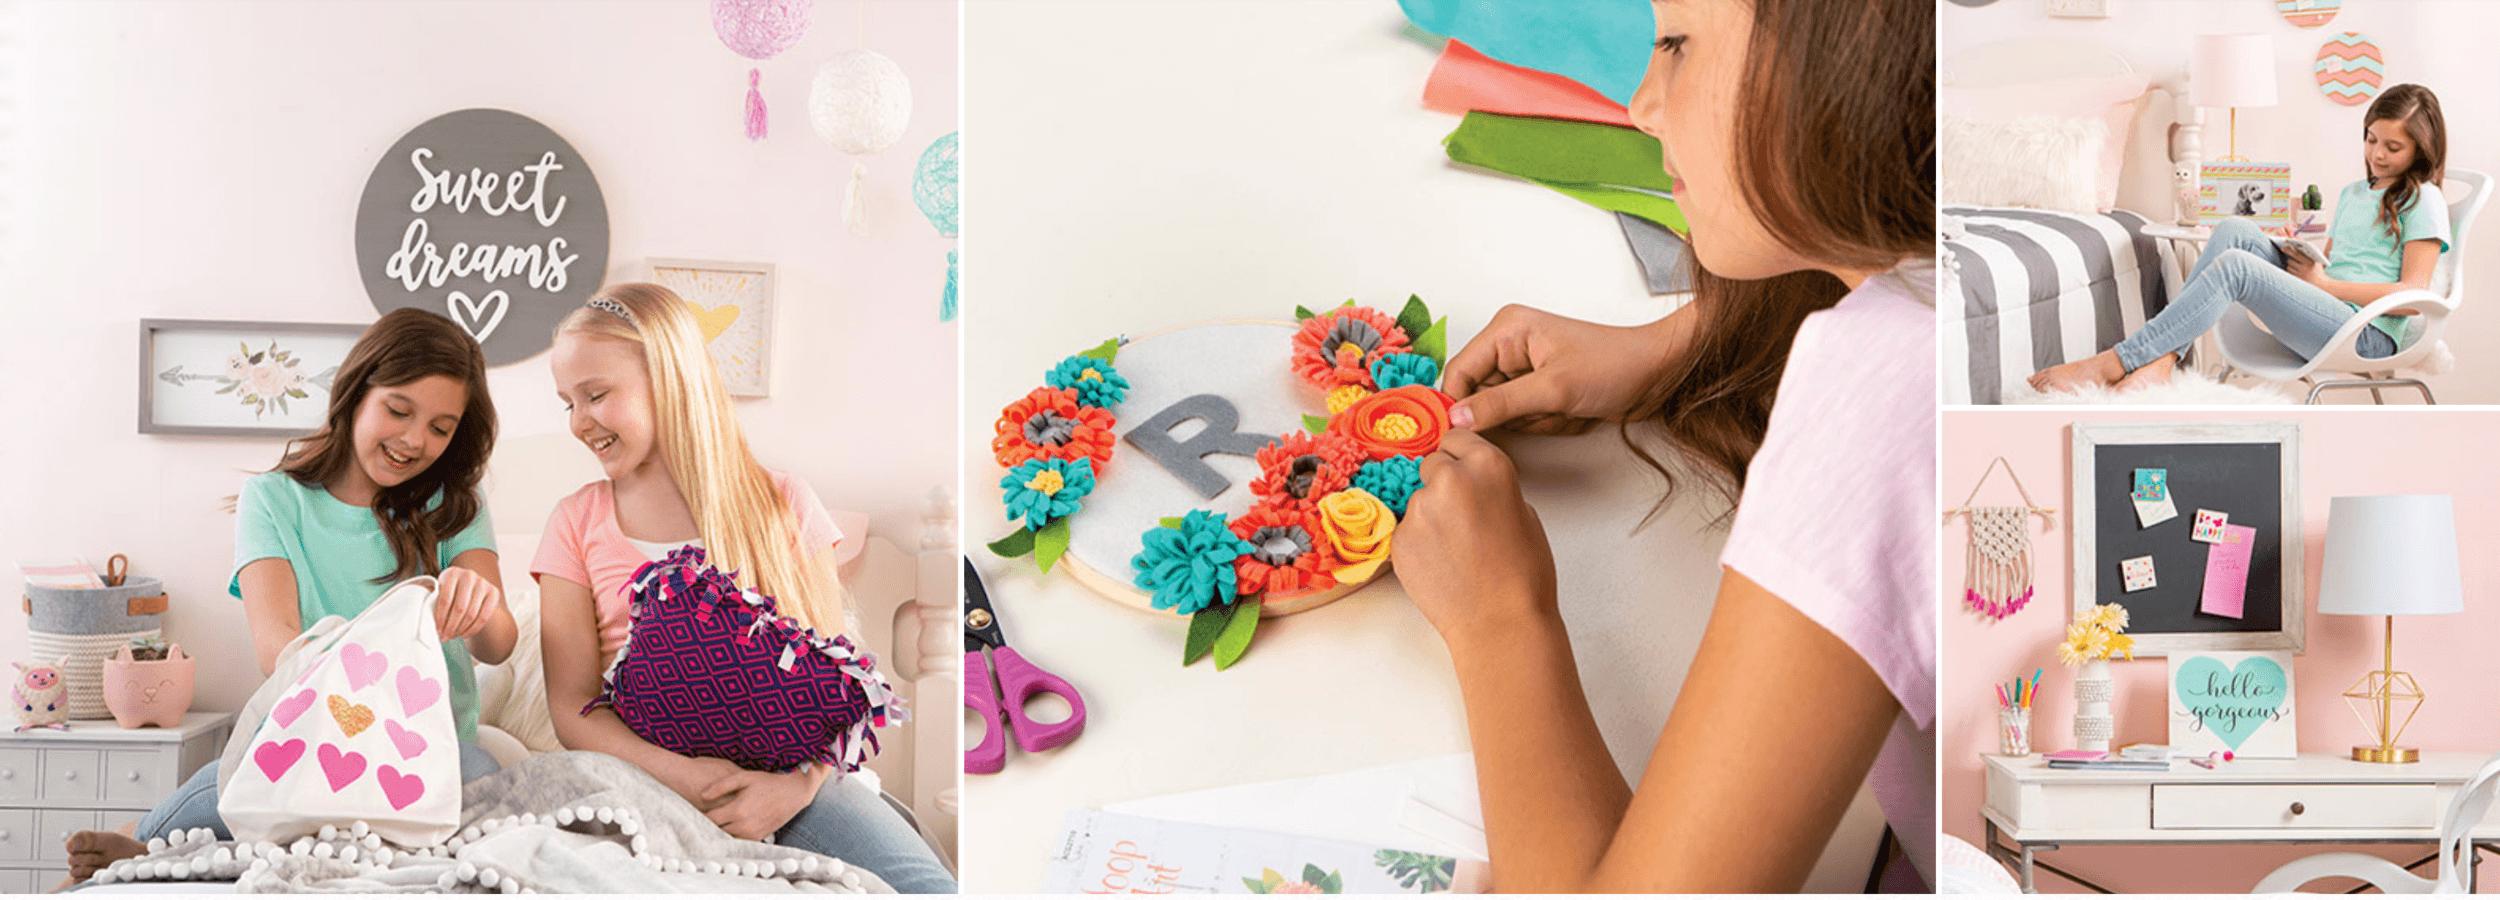 girls making crafts